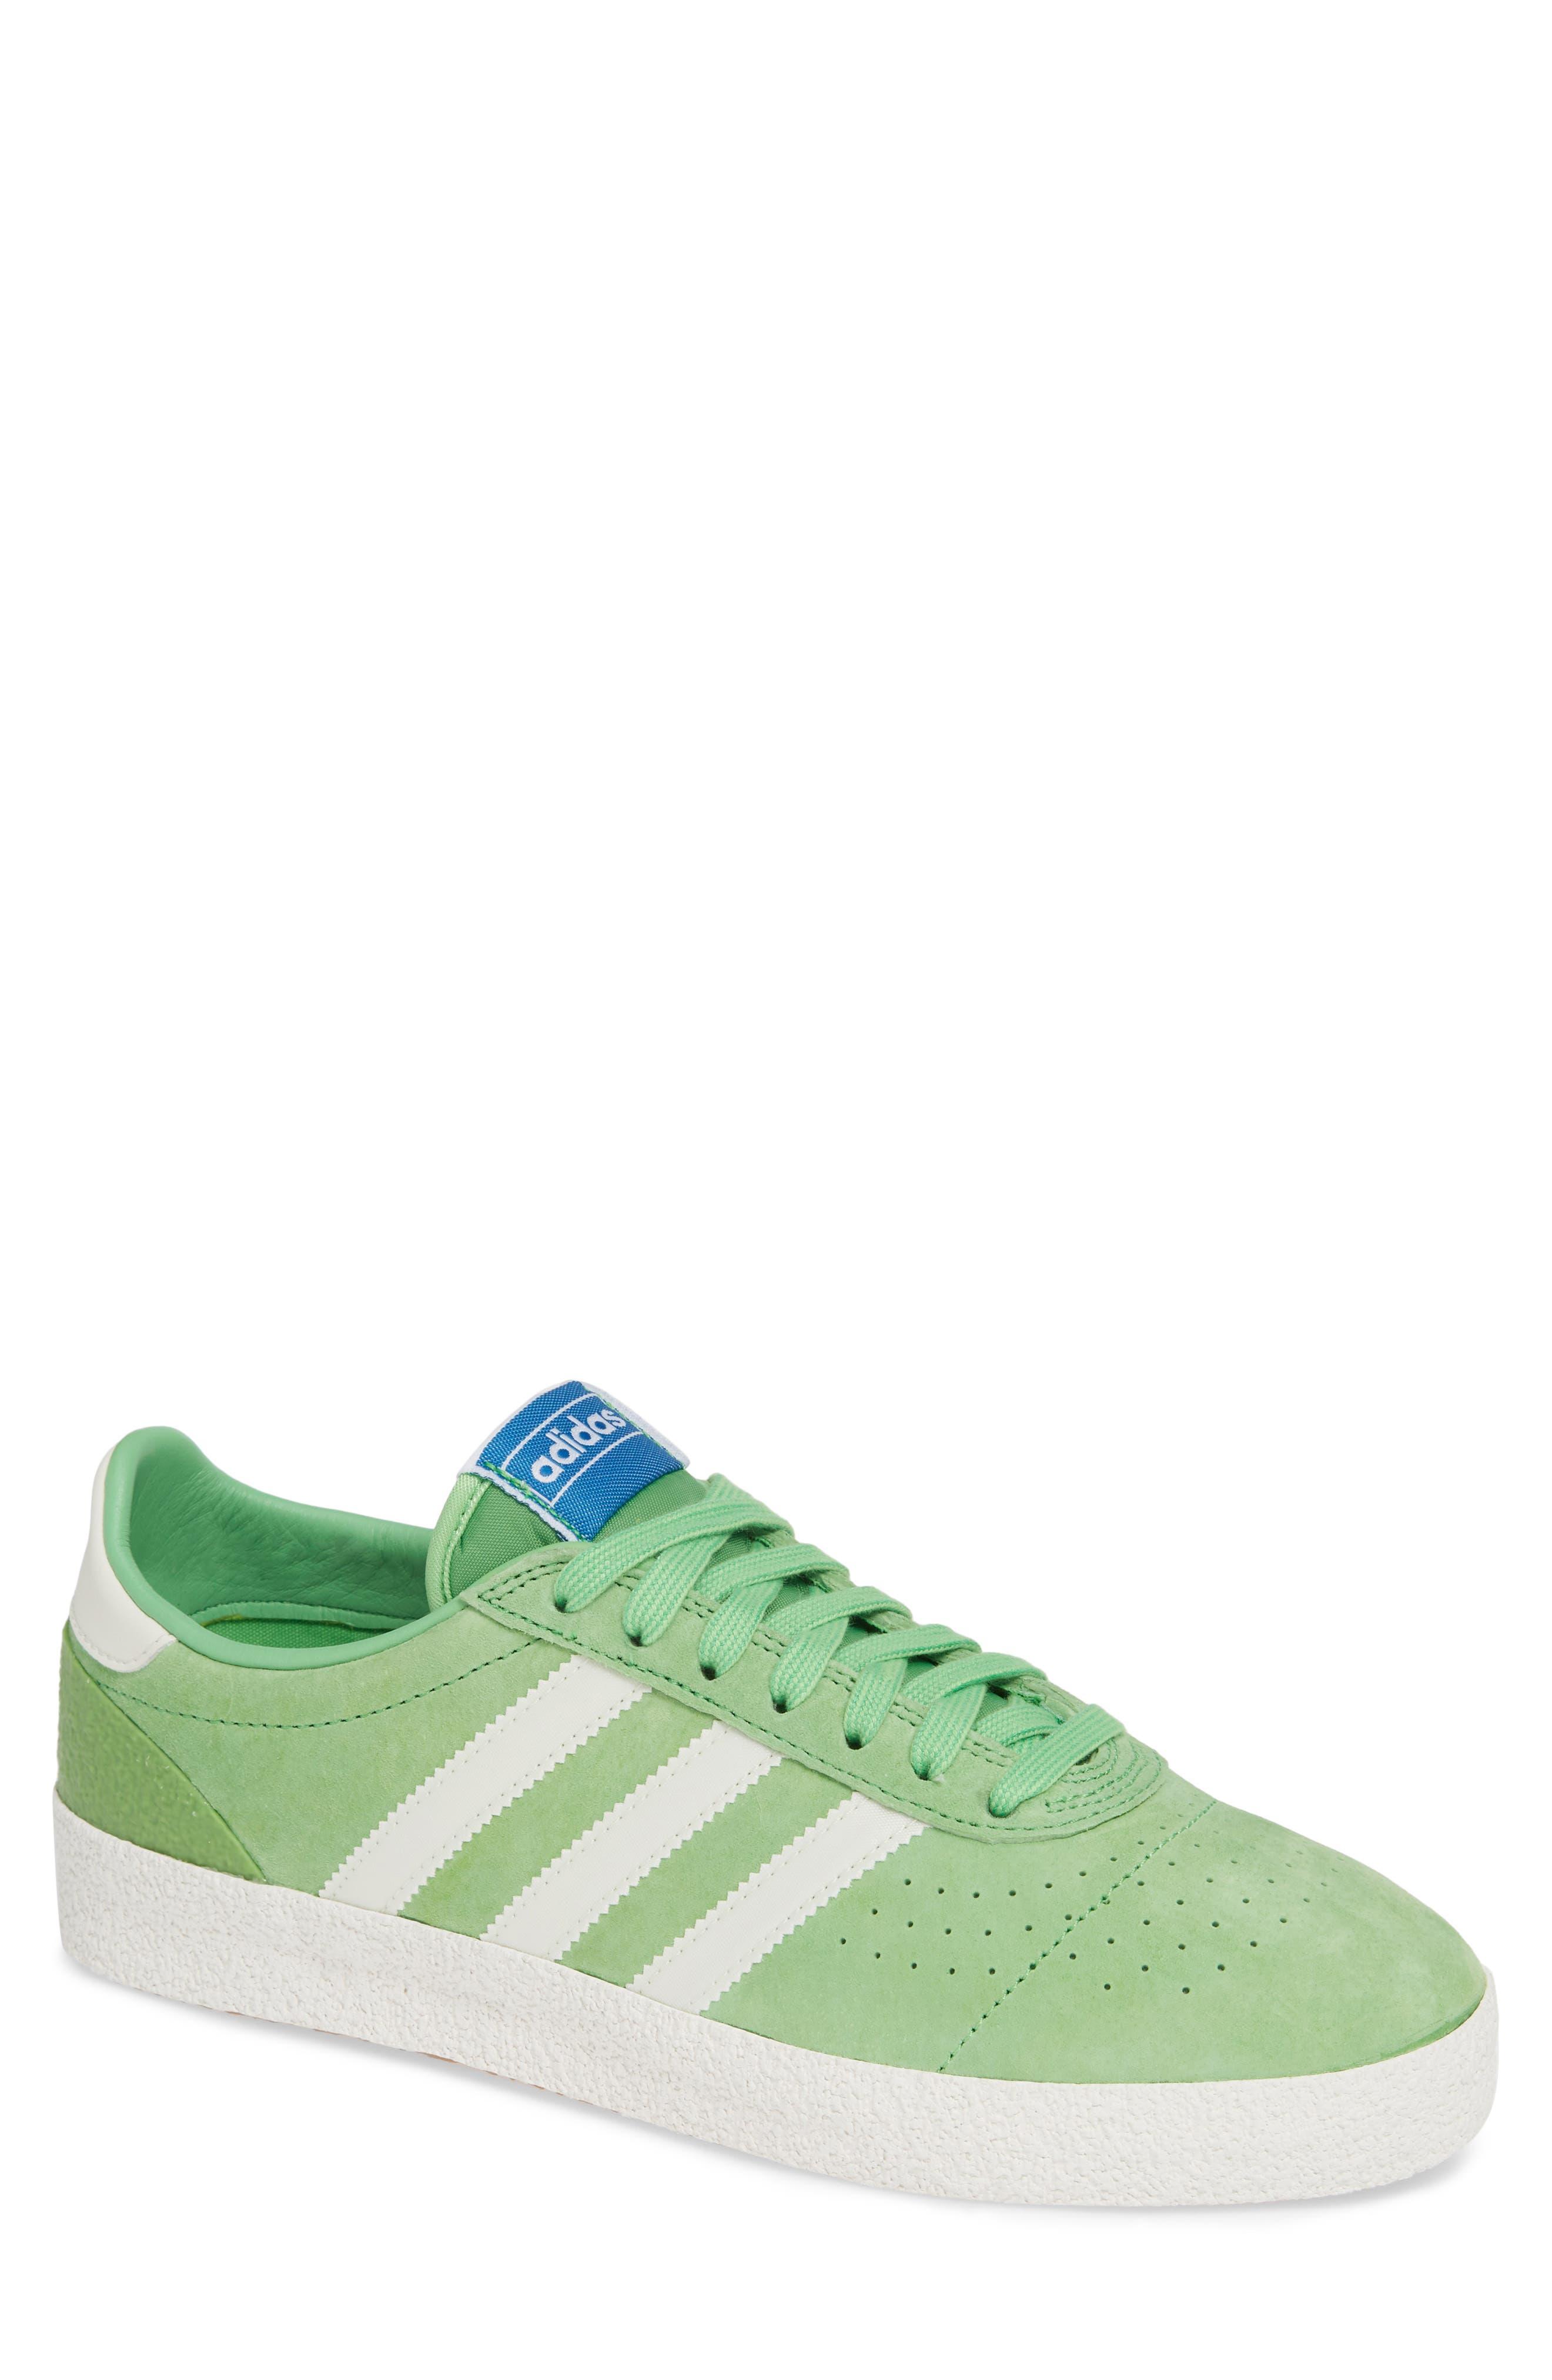 München Super Spezial Sneaker,                         Main,                         color, INTENSE GREEN/ OFF WHITE